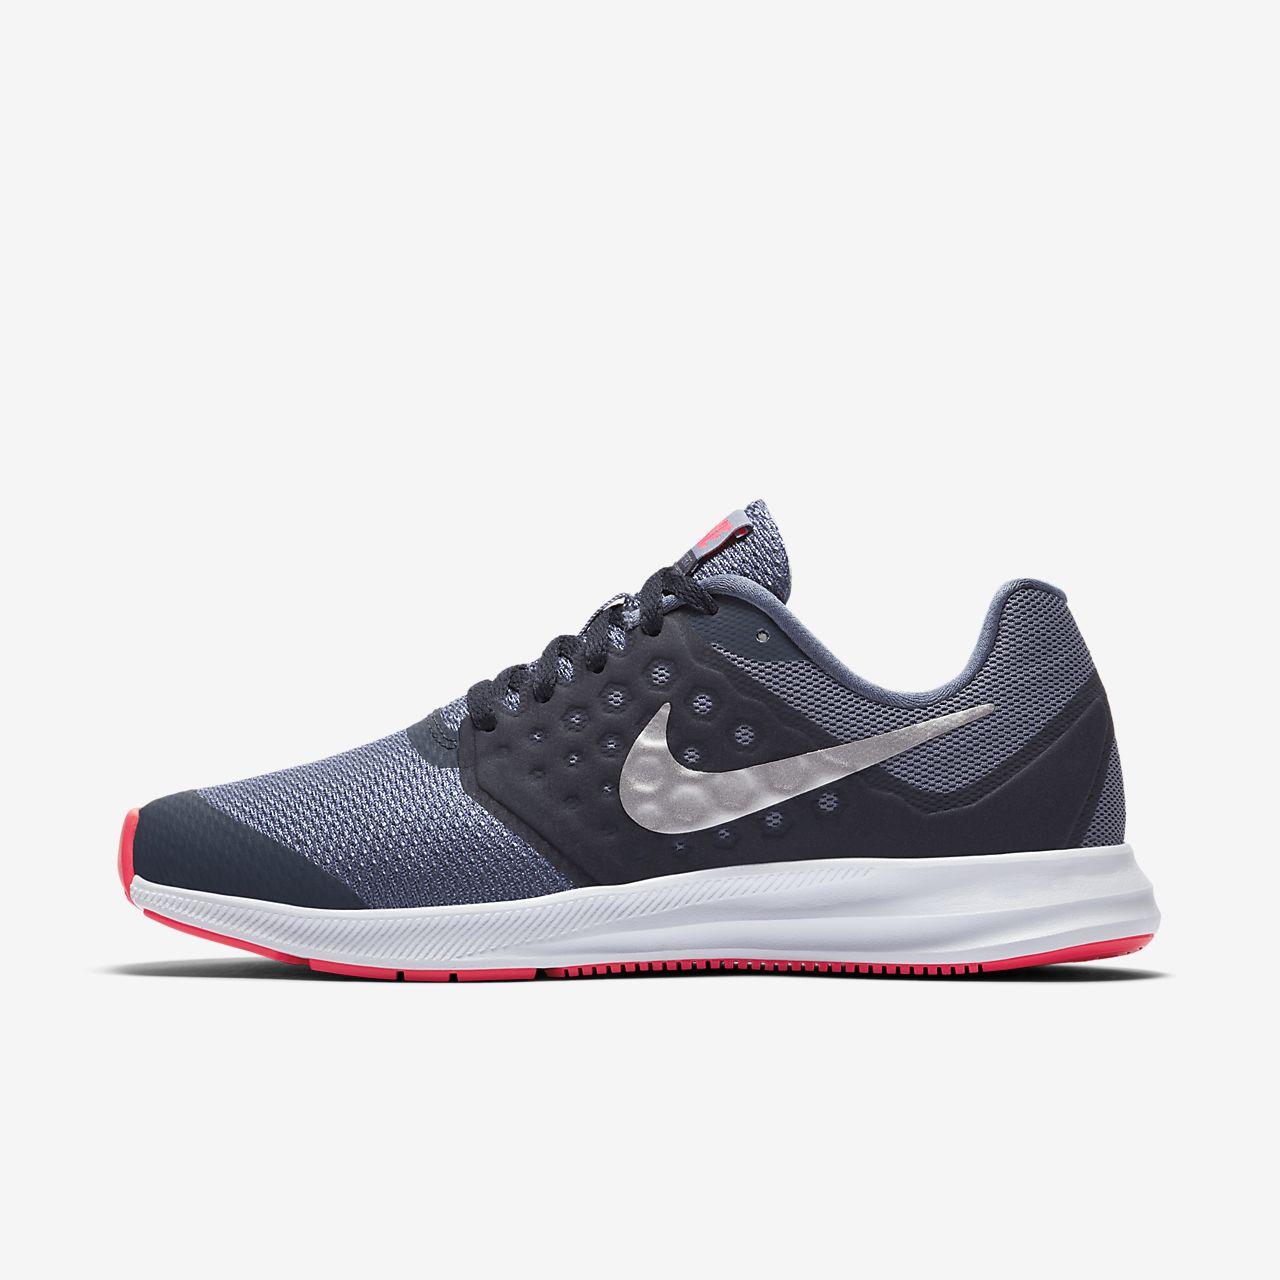 wholesale dealer 5530f 06343 ... Chaussure de running Nike Downshifter 7 pour Enfant plus âgé